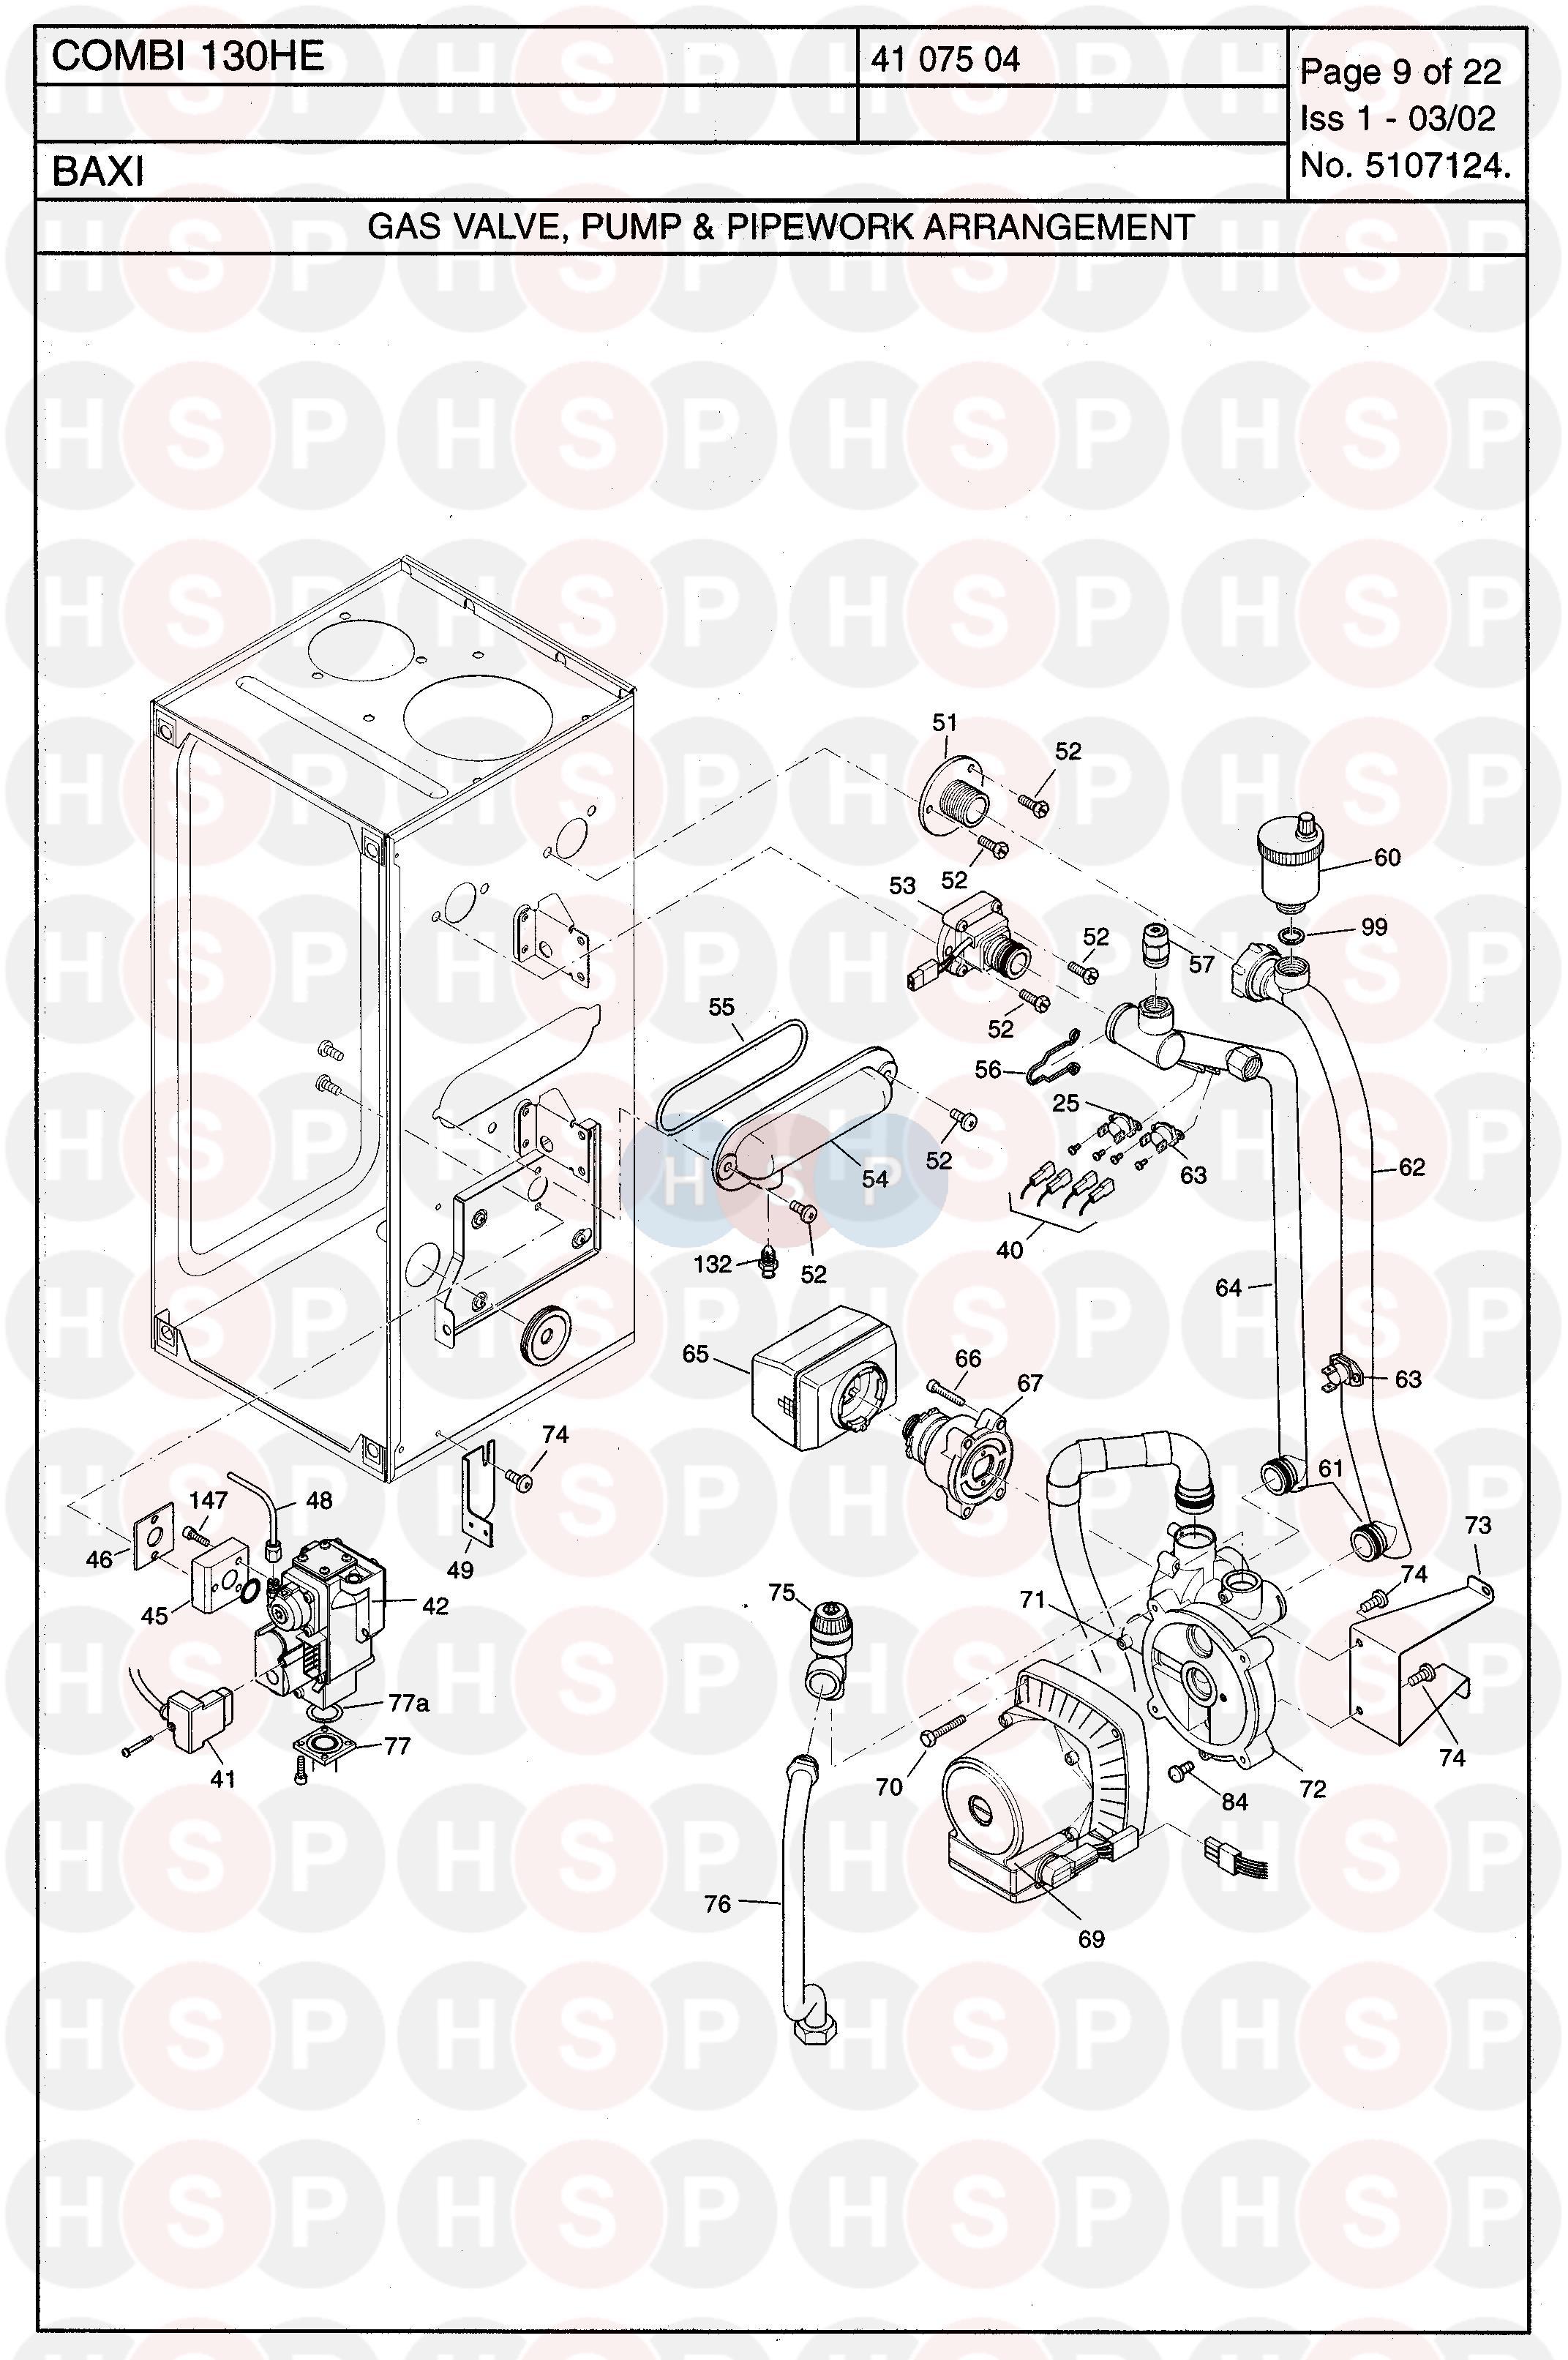 Baxi Combi 130he Appliance Diagram Gas Valve Pump